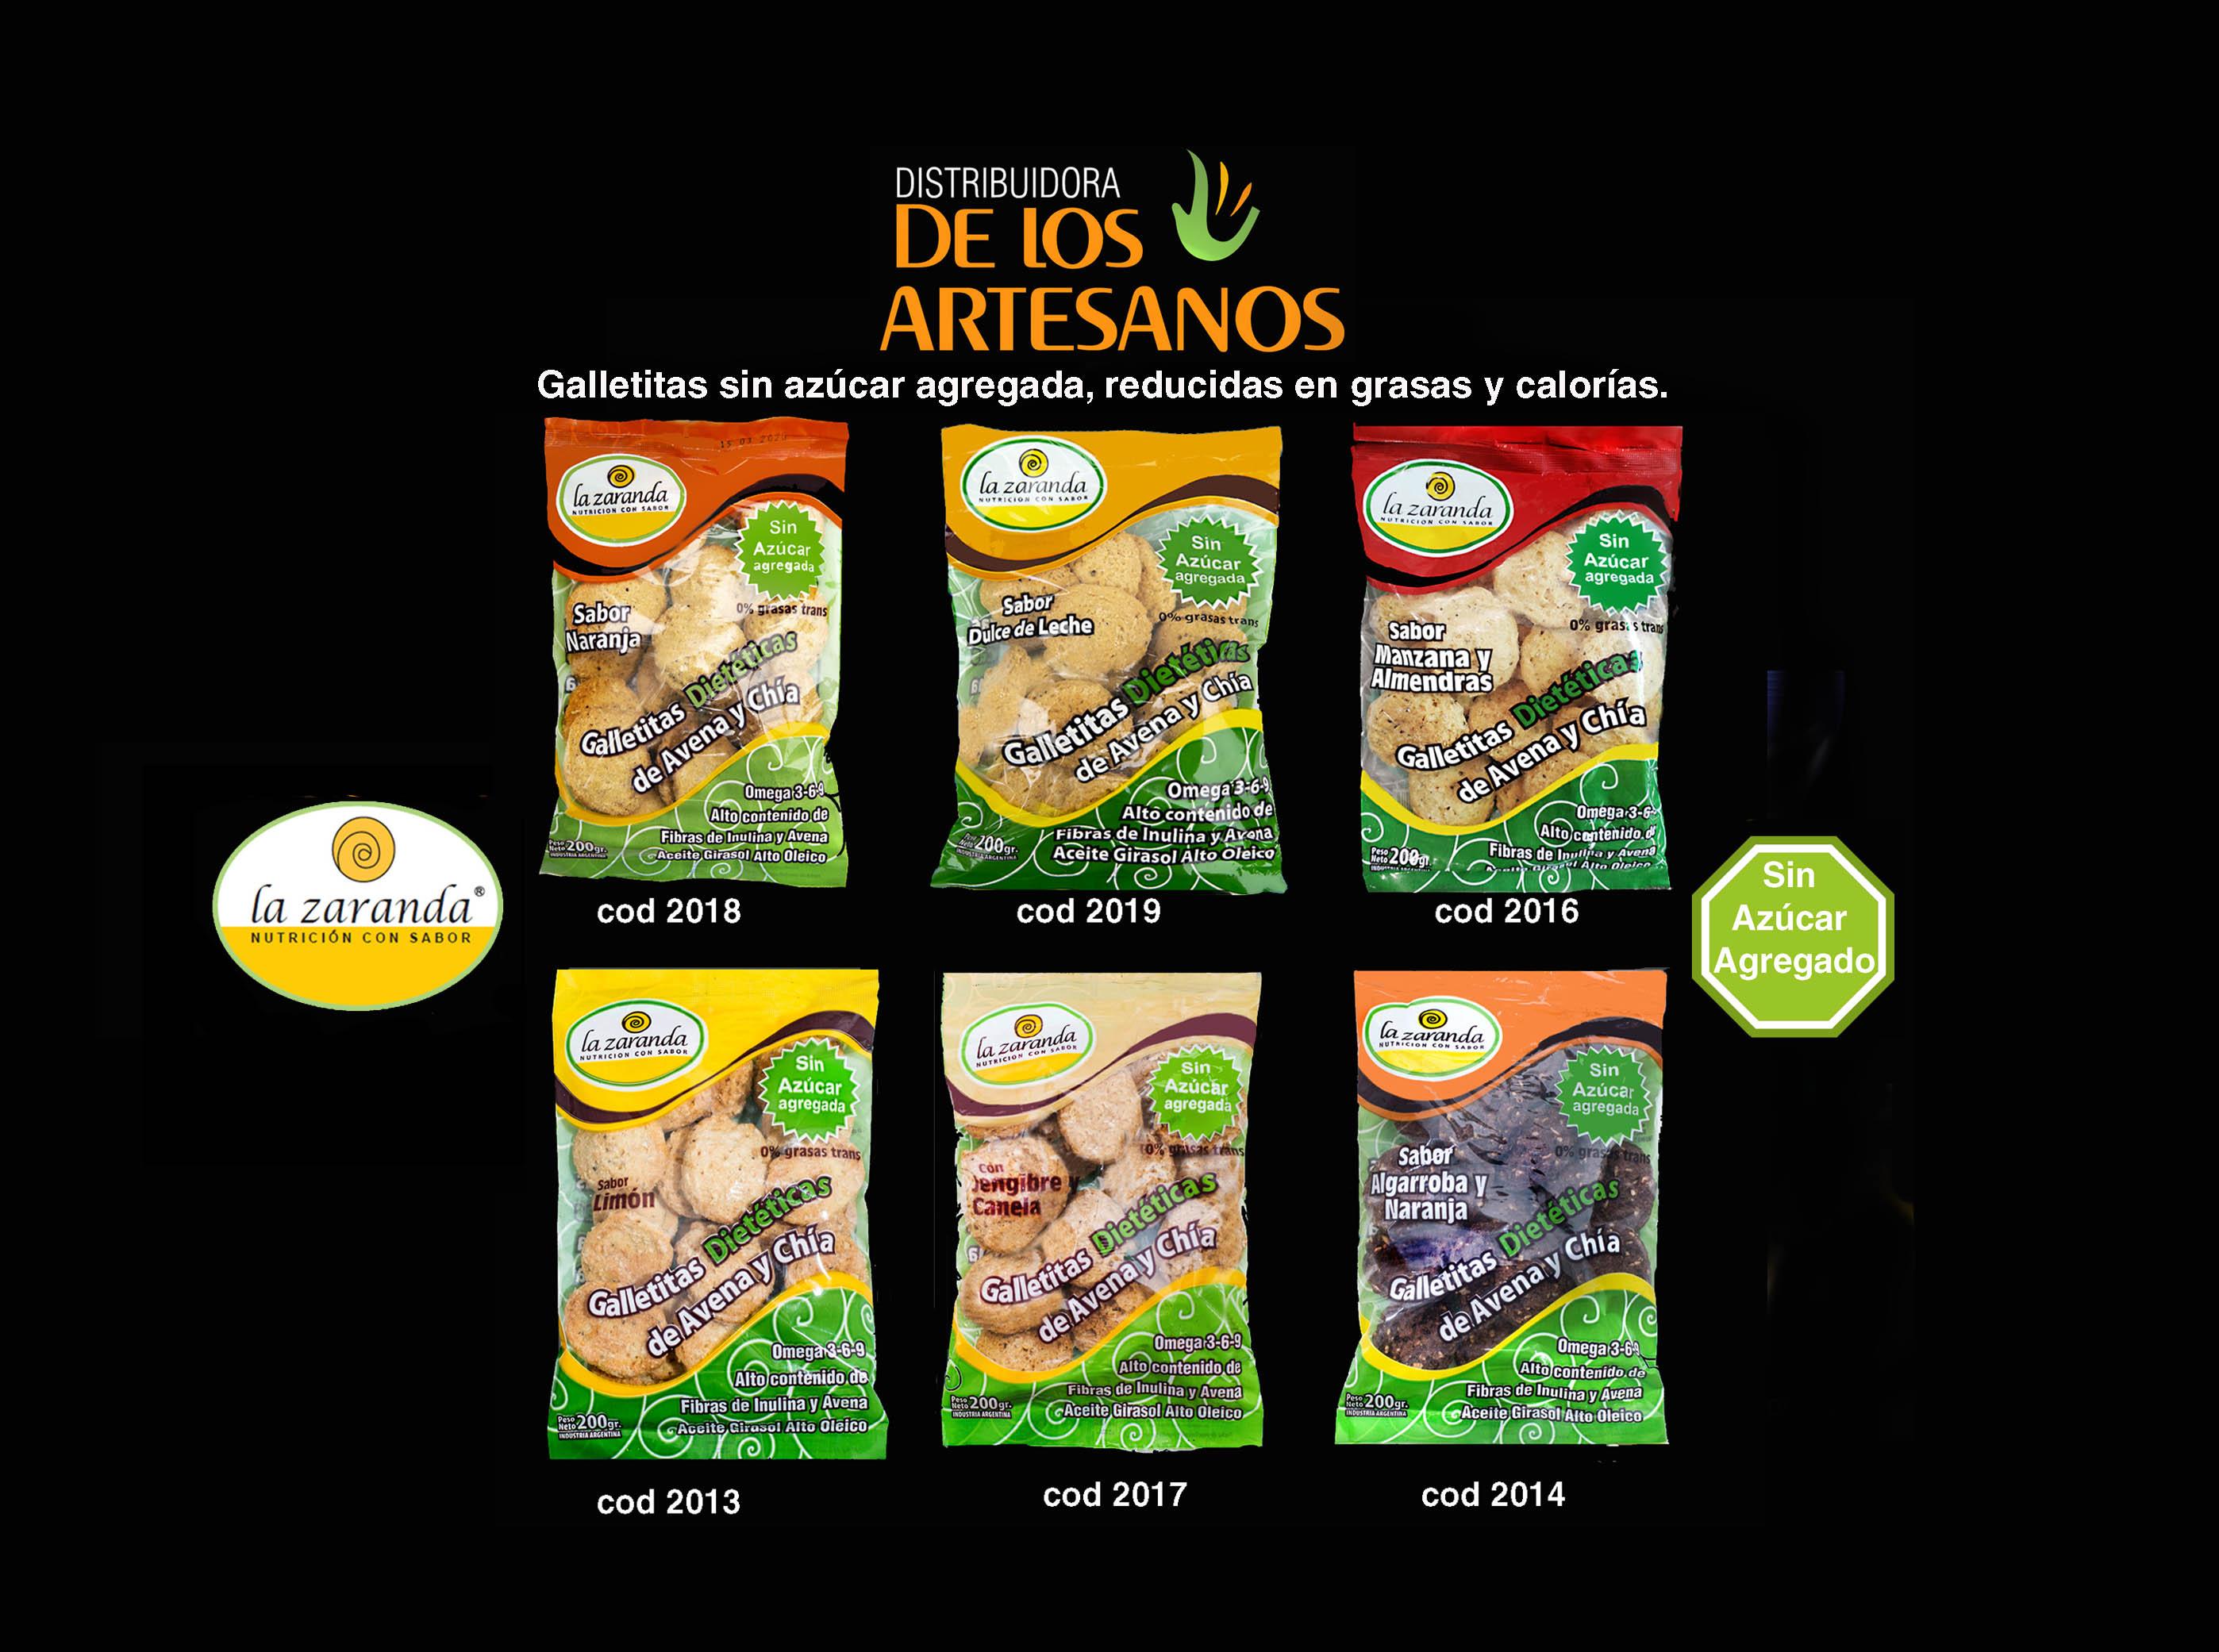 ✅  La zaranda Galletitas dietéticas de avena y chía